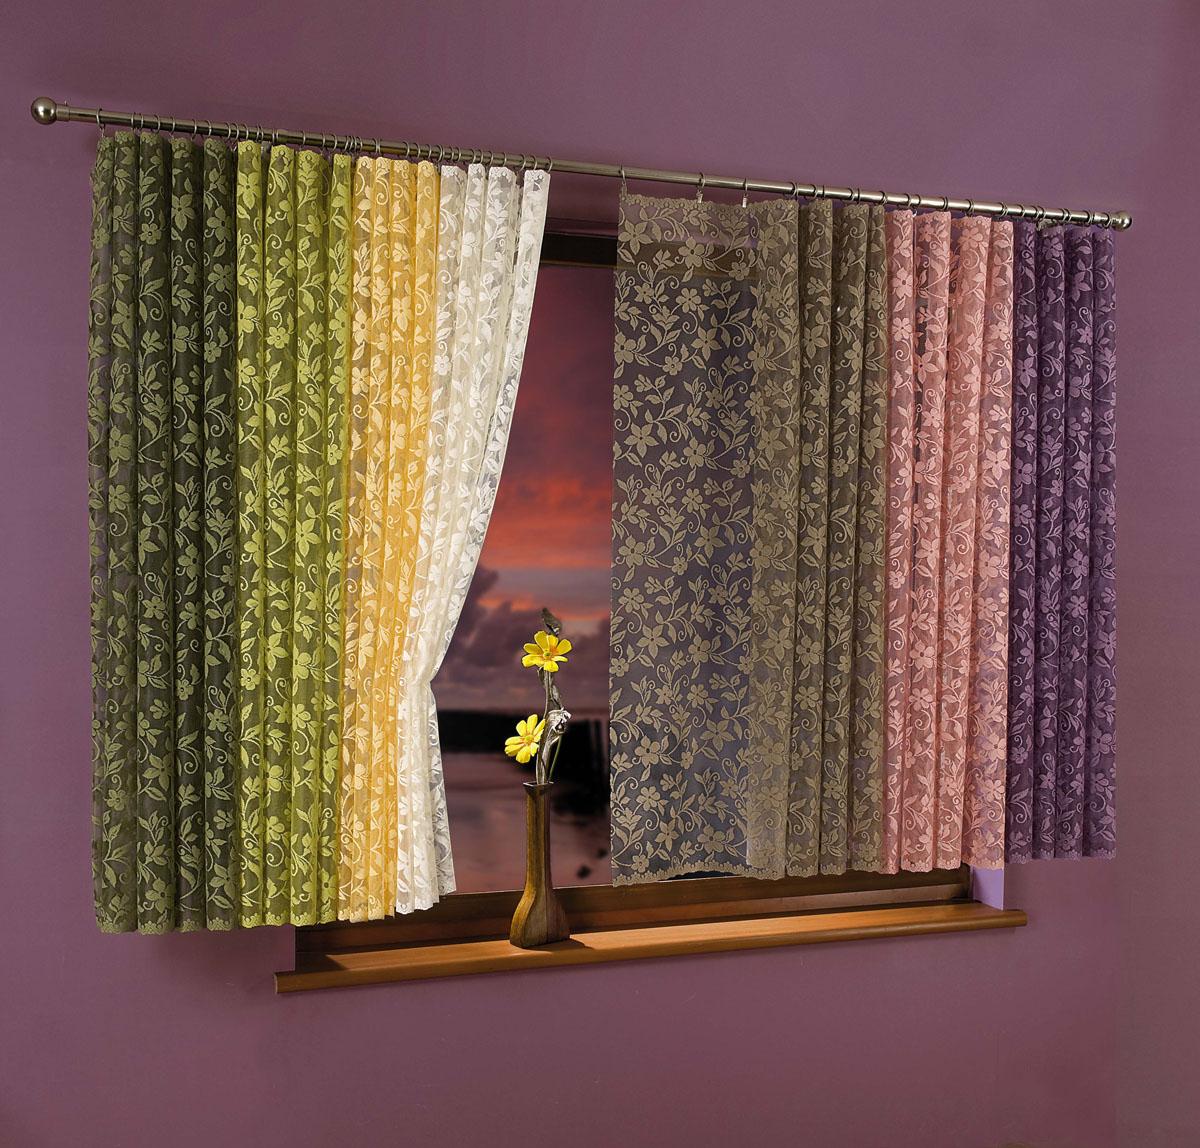 Гардина-тюль Kwiat Jabloni, на ленте, цвет: фиолетовый, высота 250 см734962Воздушная гардина-тюль Kwiat Jabloni, изготовленная из полиэстера фиолетового цвета, станет великолепным украшением любого окна. Тонкое плетение, оригинальный дизайн и приятная цветовая гамма привлекут к себе внимание и органично впишутся в интерьер комнаты. В гардину-тюль вшита шторная лента. Характеристики:Материал: 100% полиэстер. Цвет: фиолетовый. Размер упаковки:27 см х 36 см х 3 см. Артикул: 734962.В комплект входит:Гардина-тюль - 1 шт. Размер (Ш х В): 150 см х 250 см. Фирма Wisan на польском рынке существует уже более пятидесяти лет и является одной из лучших польских фабрик по производству штор и тканей. Ассортимент фирмы представлен готовыми комплектами штор для гостиной, детской, кухни, а также текстилем для кухни (скатерти, салфетки, дорожки, кухонные занавески). Модельный ряд отличает оригинальный дизайн, высокое качество. Ассортимент продукции постоянно пополняется.УВАЖАЕМЫЕ КЛИЕНТЫ!Обращаем ваше внимание на цвет изделия. Цветовой вариант гардины-тюли, данной в интерьере, служит для визуального восприятия товара. Цветовая гамма данной гардины-тюли представлена на отдельном изображении фрагментом ткани.